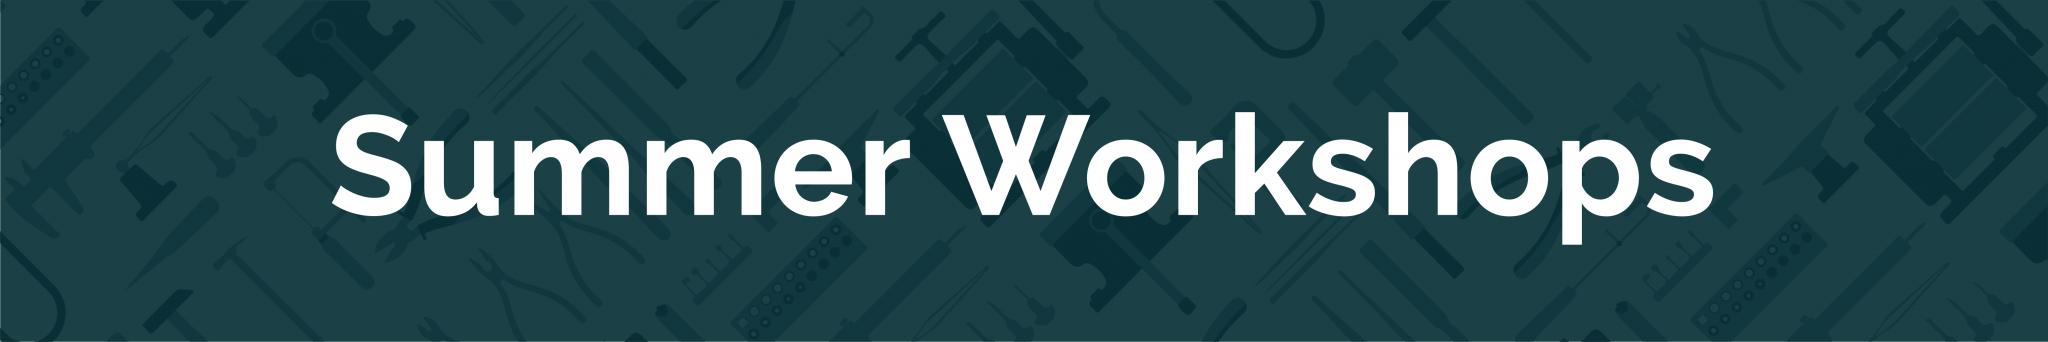 2021 Summer workshops banner